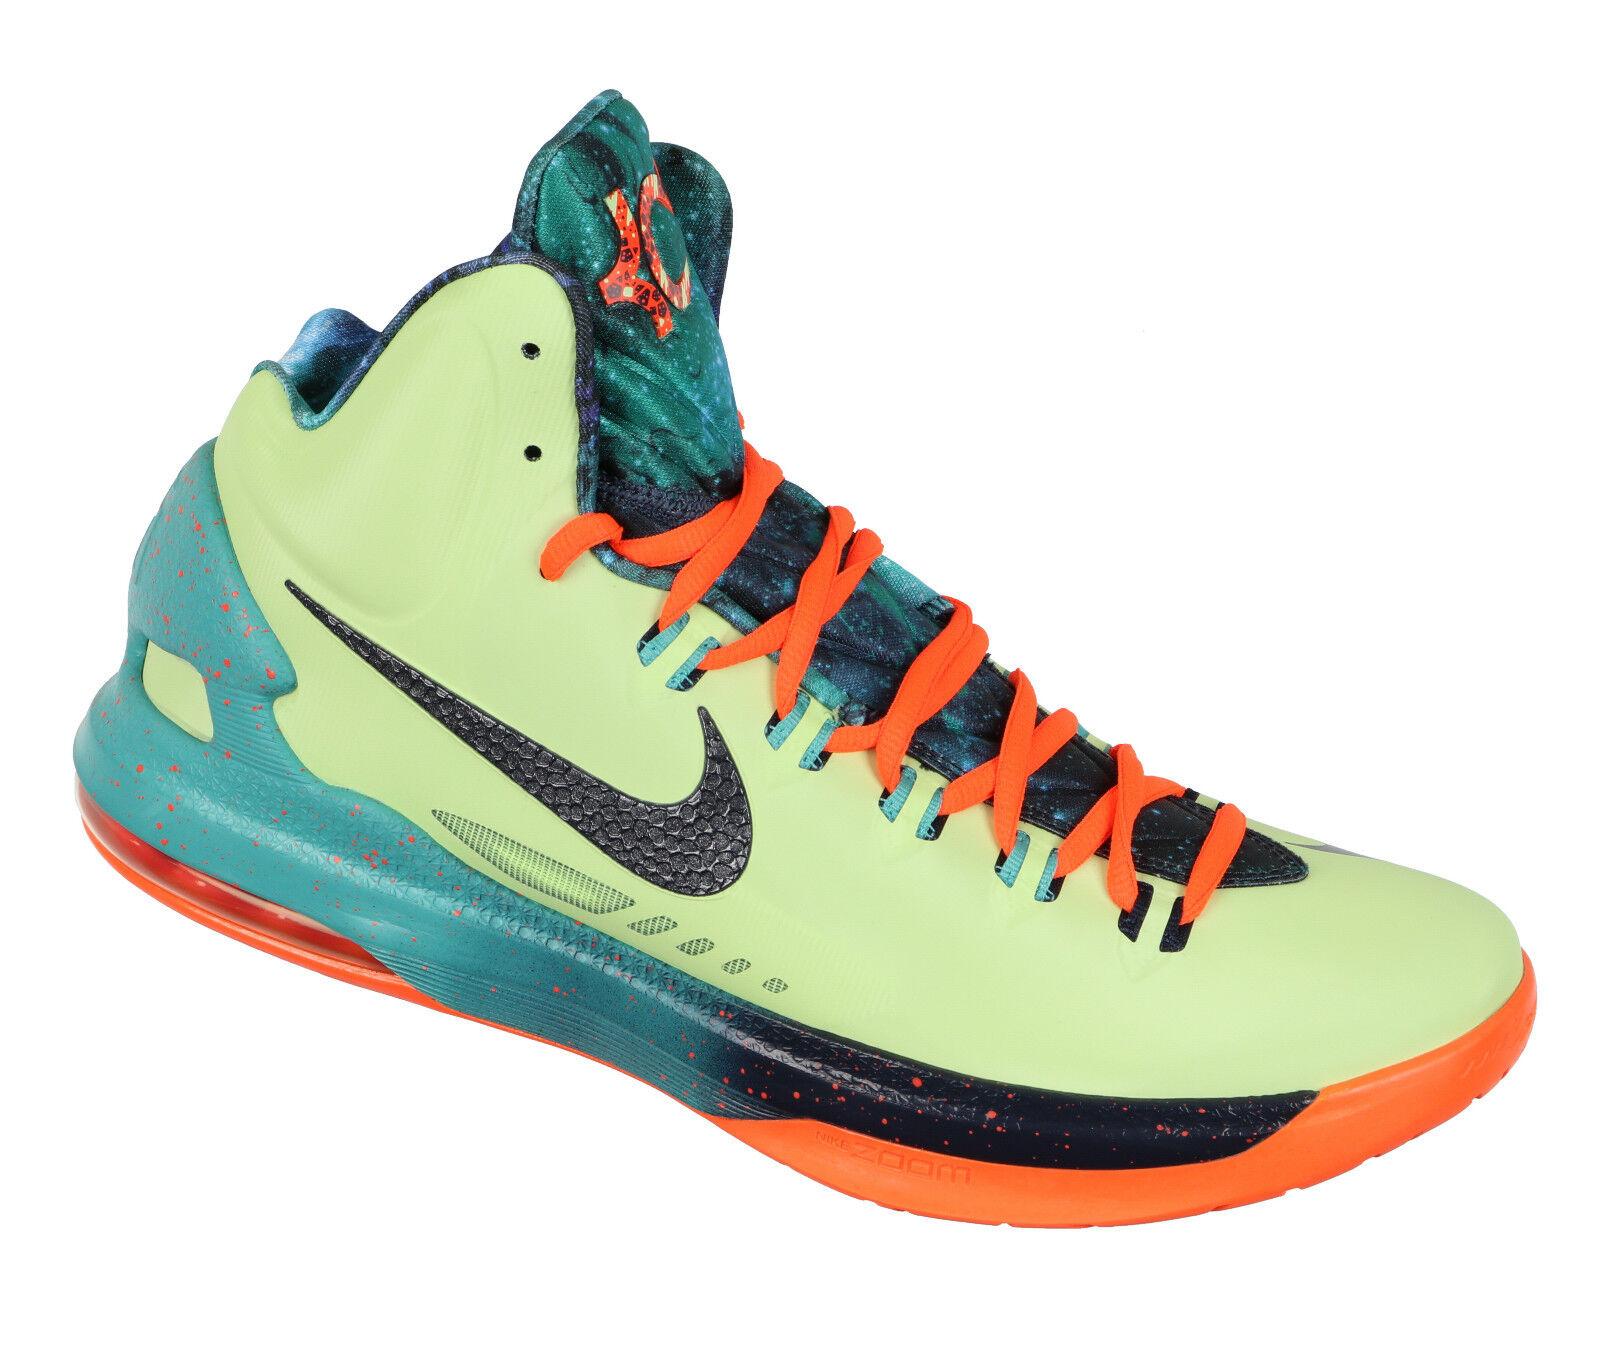 Nike Kd V Basketball Schuhe Größe 11 Bereich 72 Edition Flüssig Limettengrün Elegant und feierlich